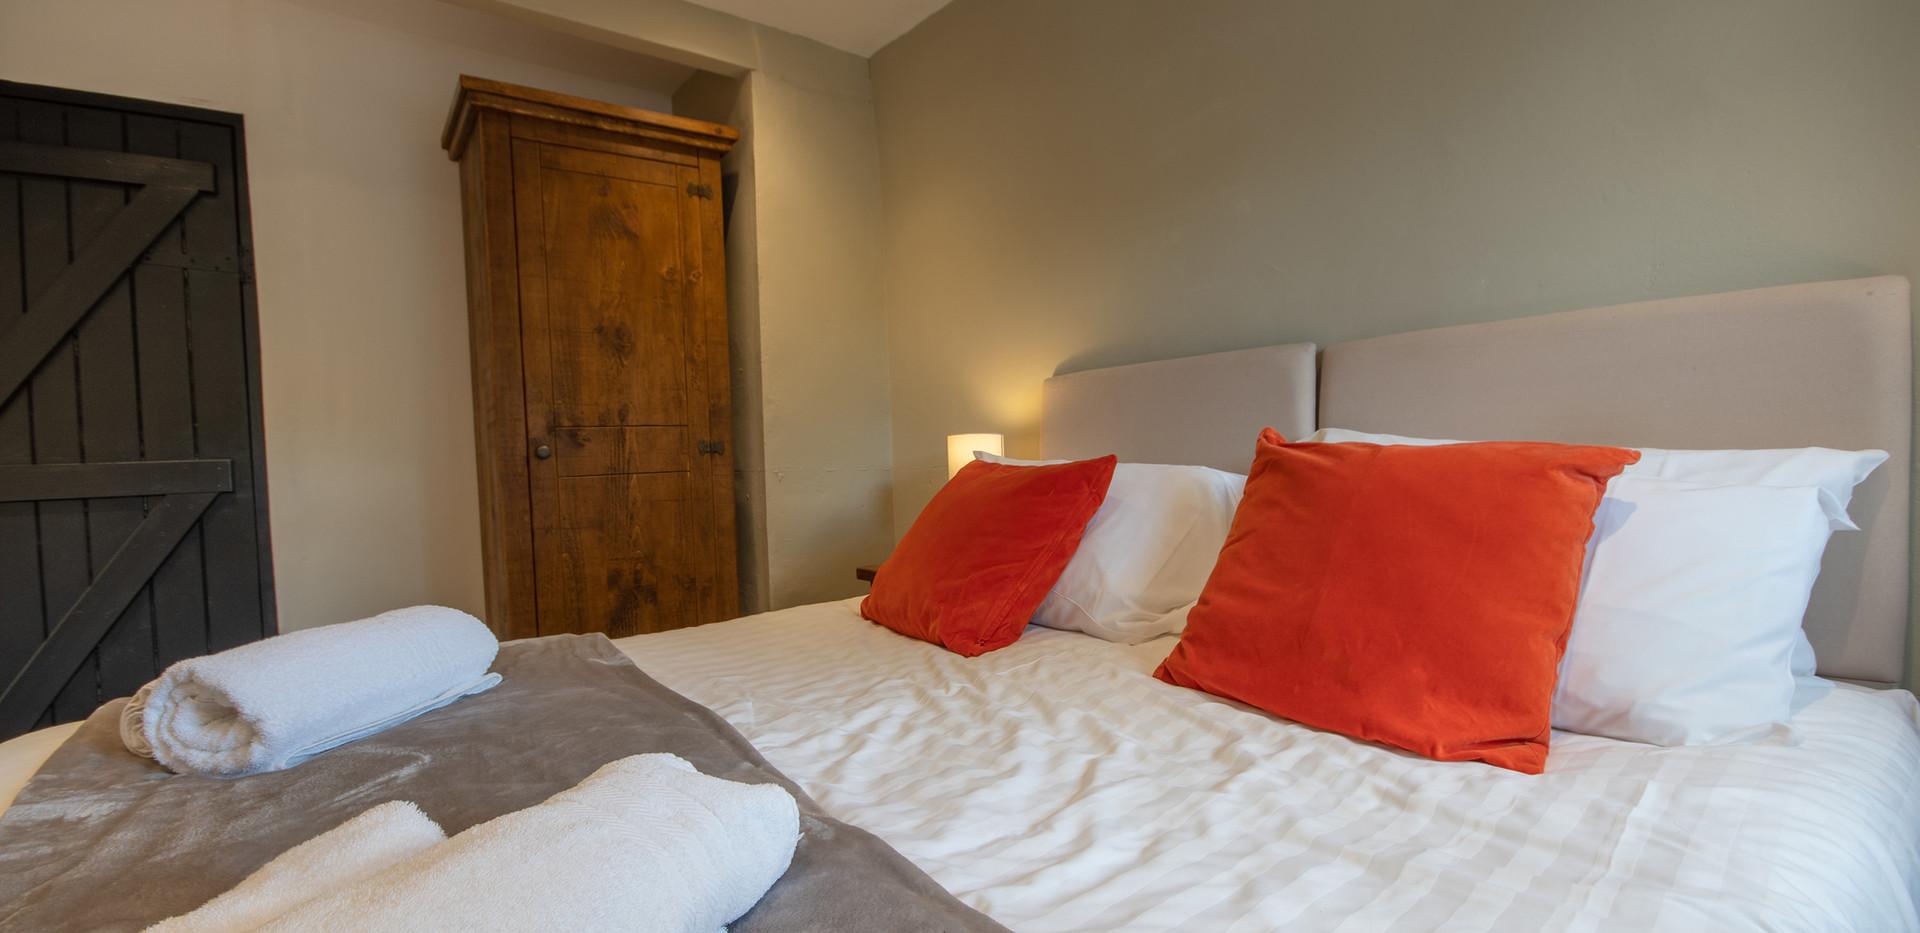 Lathkill Bedroom 1 (3).jpg